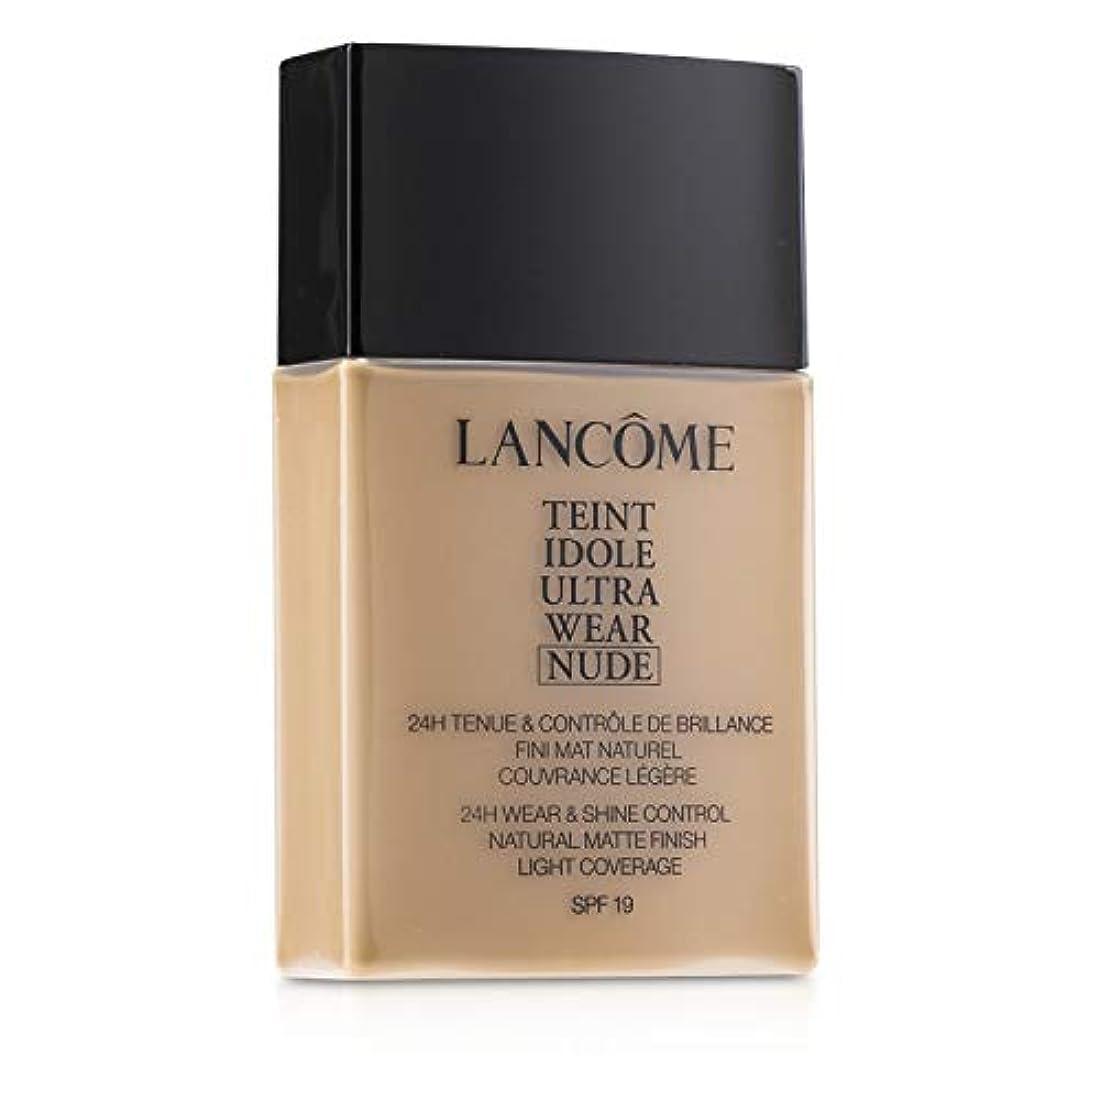 伝染病息切れ持続するランコム Teint Idole Ultra Wear Nude Foundation SPF19 - # 055 Beige Ideal 40ml/1.3oz並行輸入品